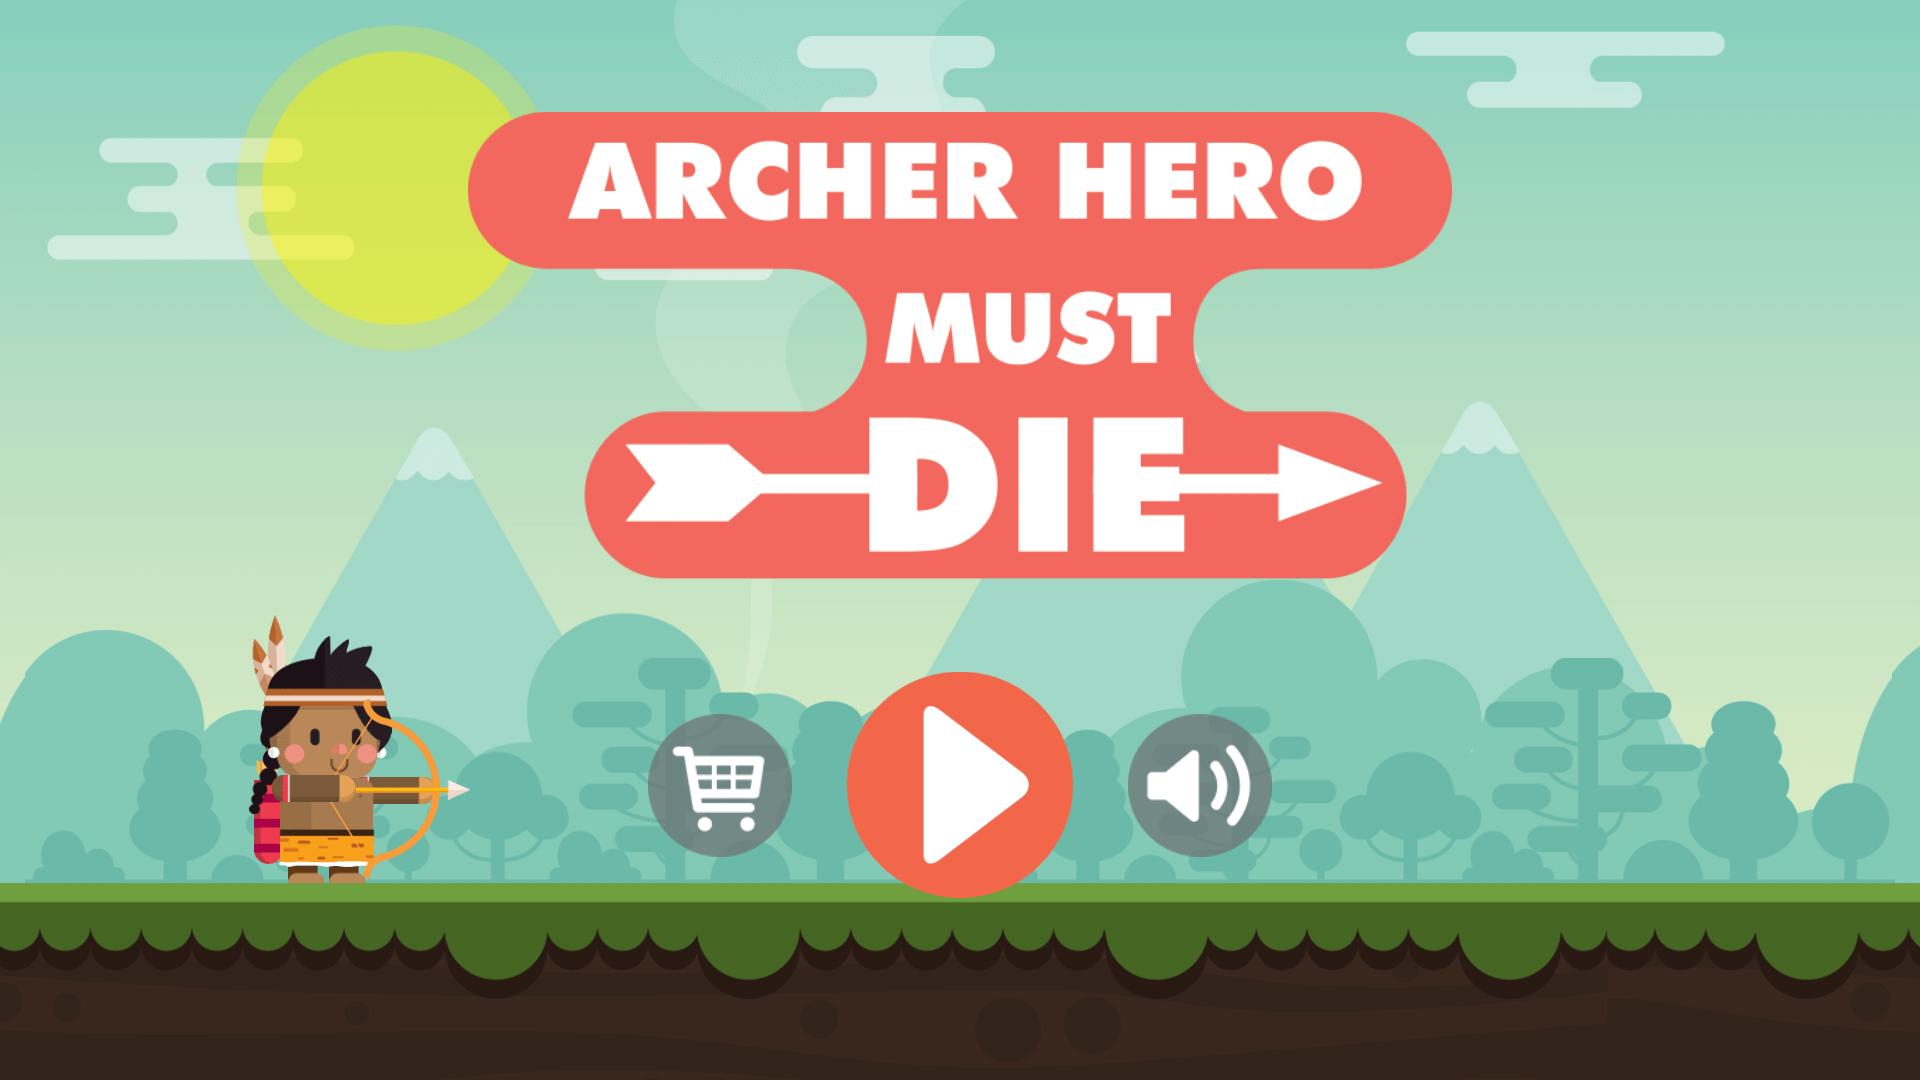 Archer Hero Must Die